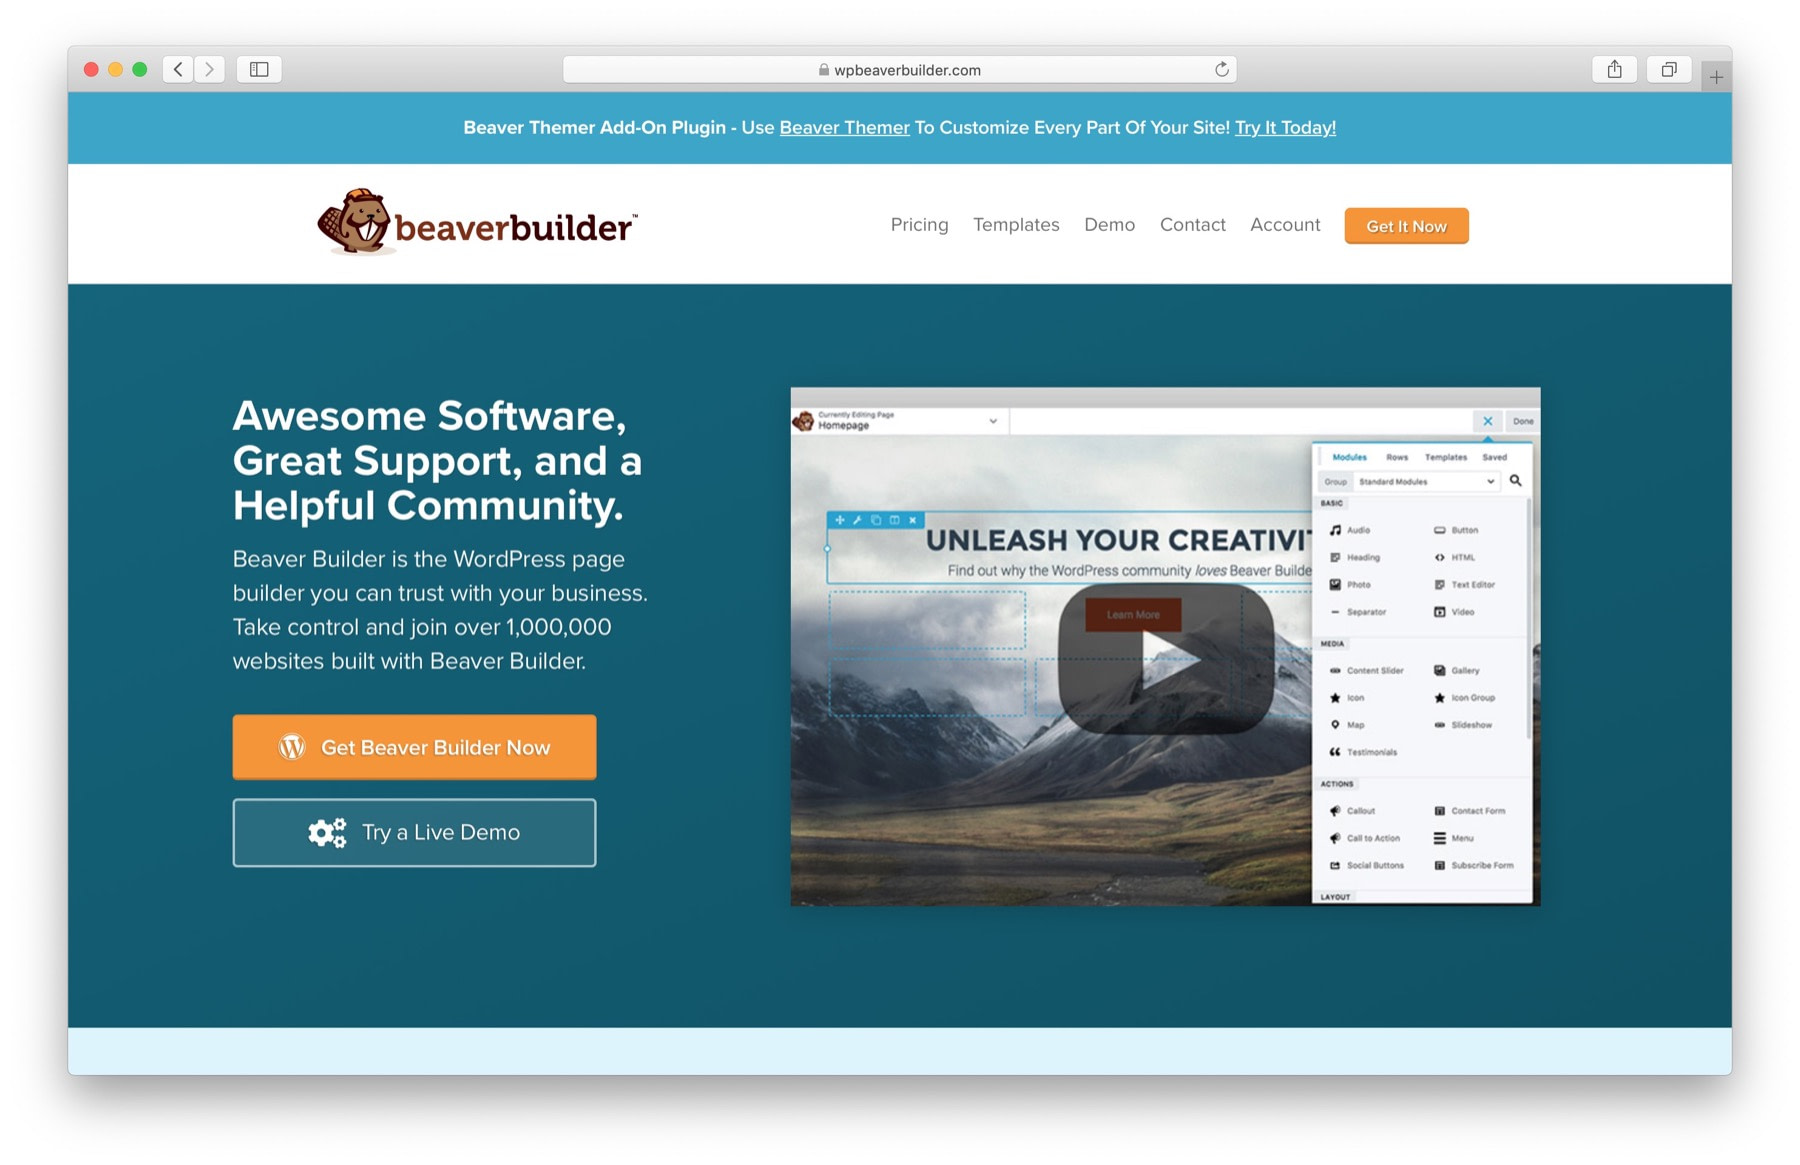 wpbeaverbuilder